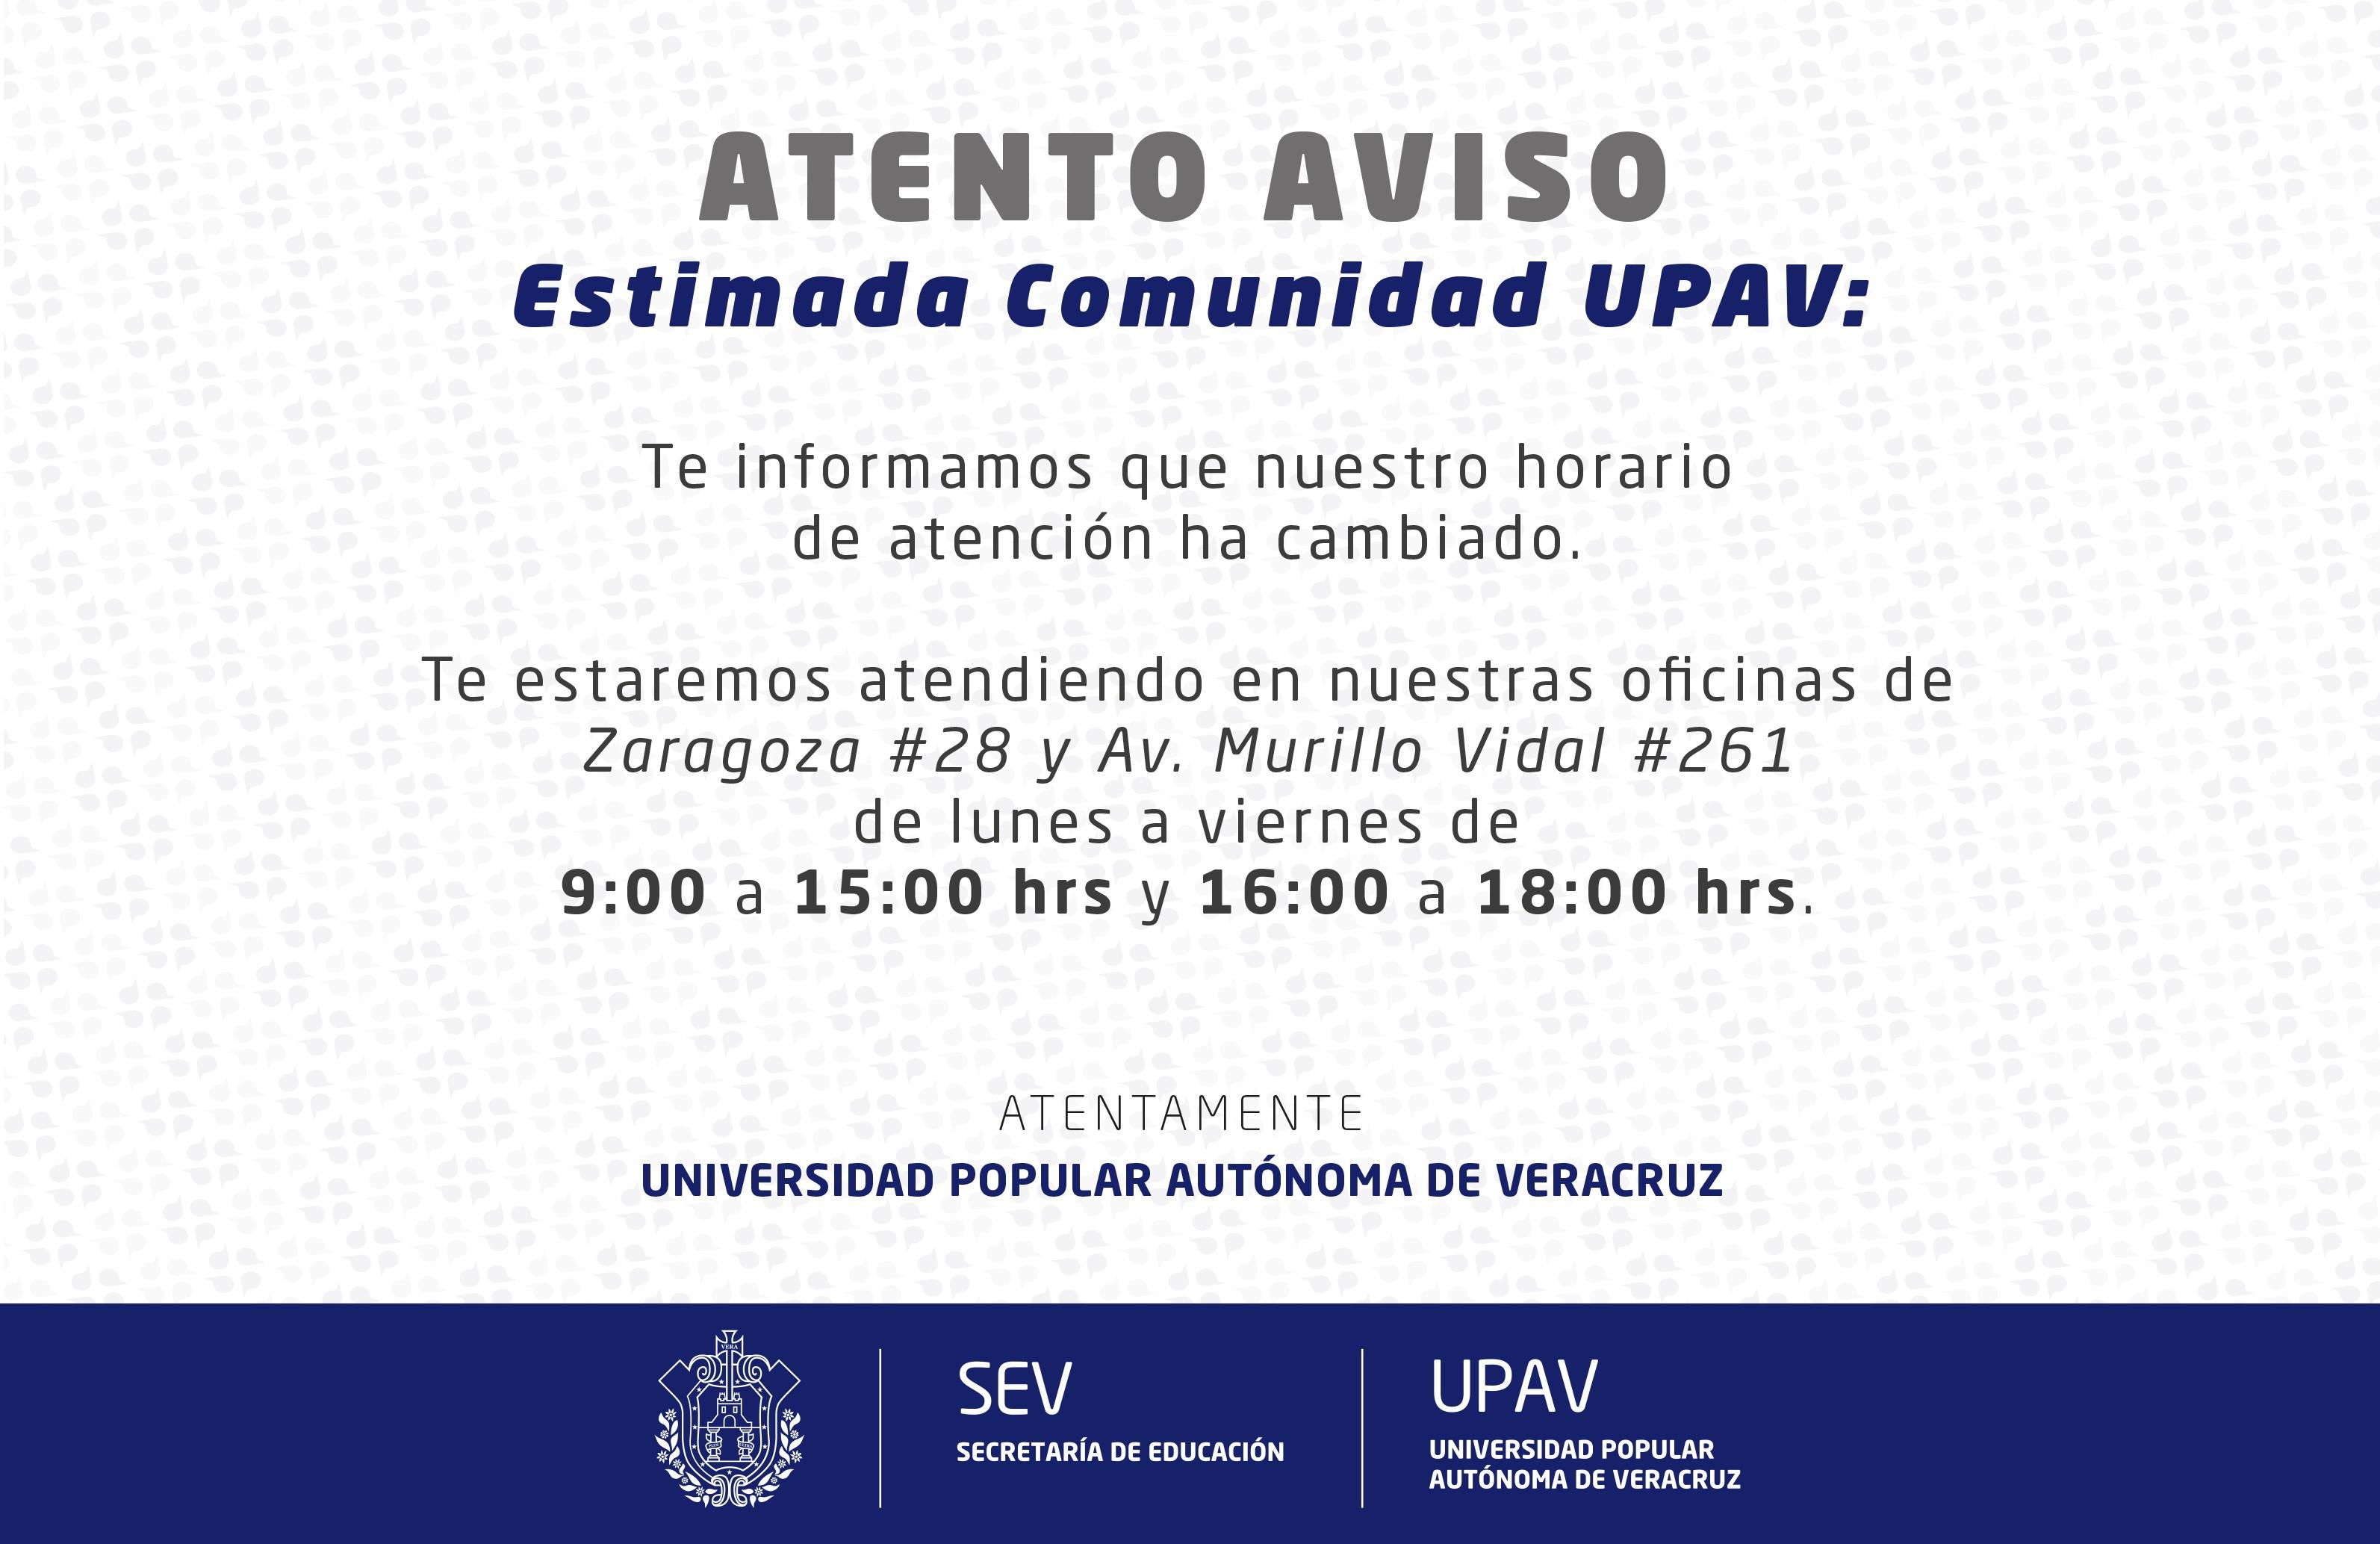 Calendario Escolar 2019 Queretaro Recientes Upav Of Calendario Escolar 2019 Queretaro Más Caliente Universidad Intercultural Maya De Quintana Roo